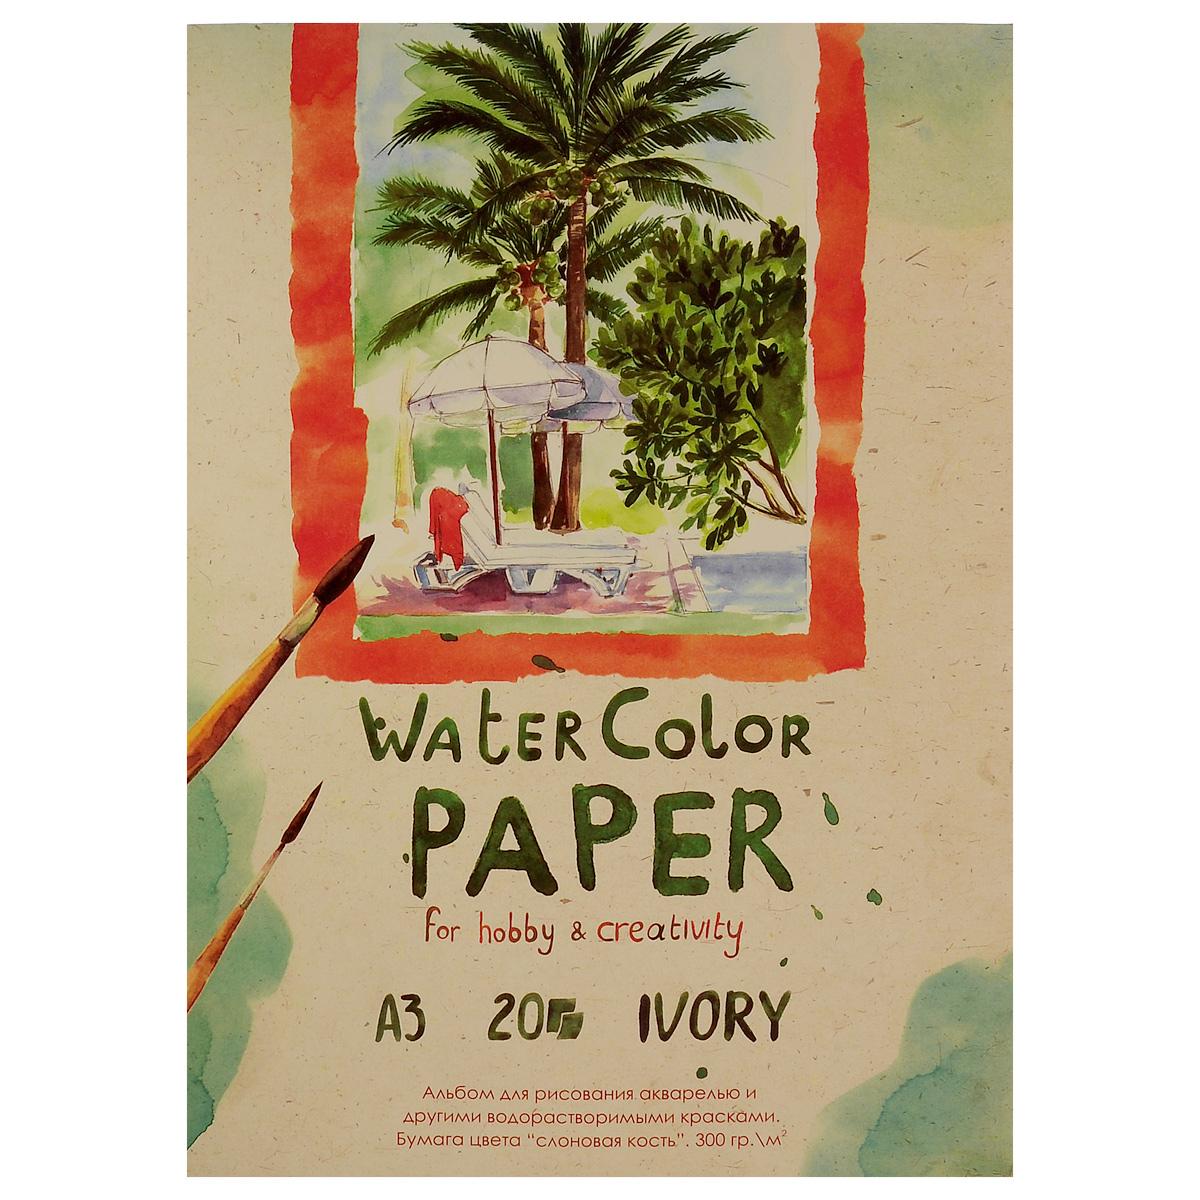 Альбом для акварели Kroyter, 20 листов, формат А3C0038550Альбом для рисования акварелью Kroyter изготовлен из высококачественной бумаги цвета слоновой кости, что позволяет карандашам, фломастерам и краскам ровно ложиться на поверхность и не растекаться по листу. Рисование в таких альбомах доставит маленьким художникам максимальное удовольствие. Обложка выполнена из мелованного картона с клеевым креплением. Рисование позволяет развивать творческие способности, кроме того, это увлекательный досуг.Плотность: 300 г/м2.